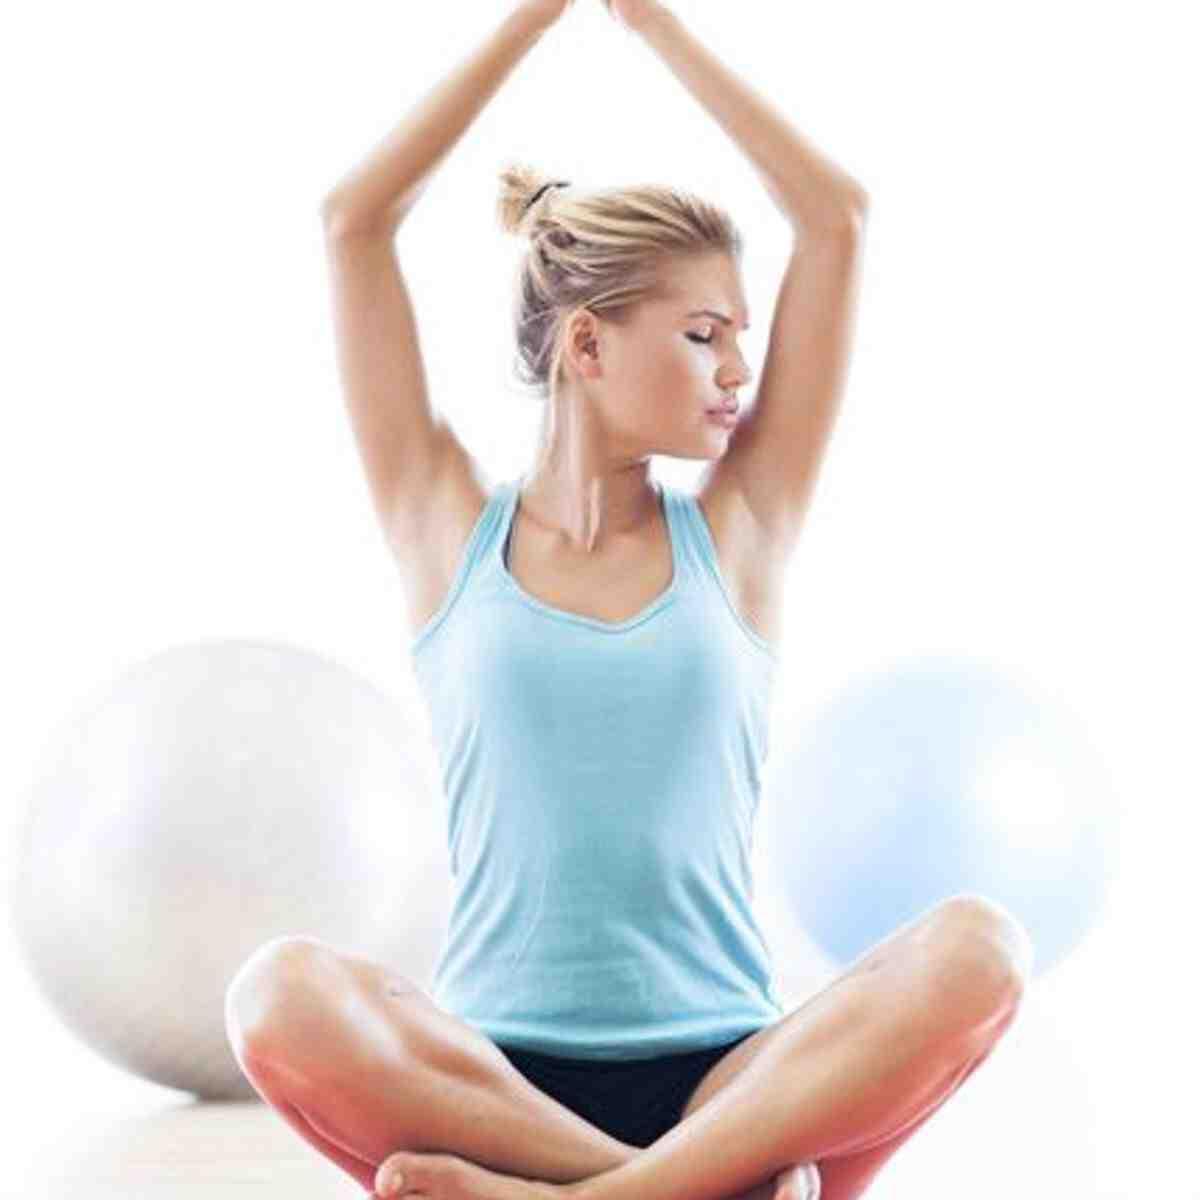 Quel exercice pour perdre rapidement de la graisse du ventre?